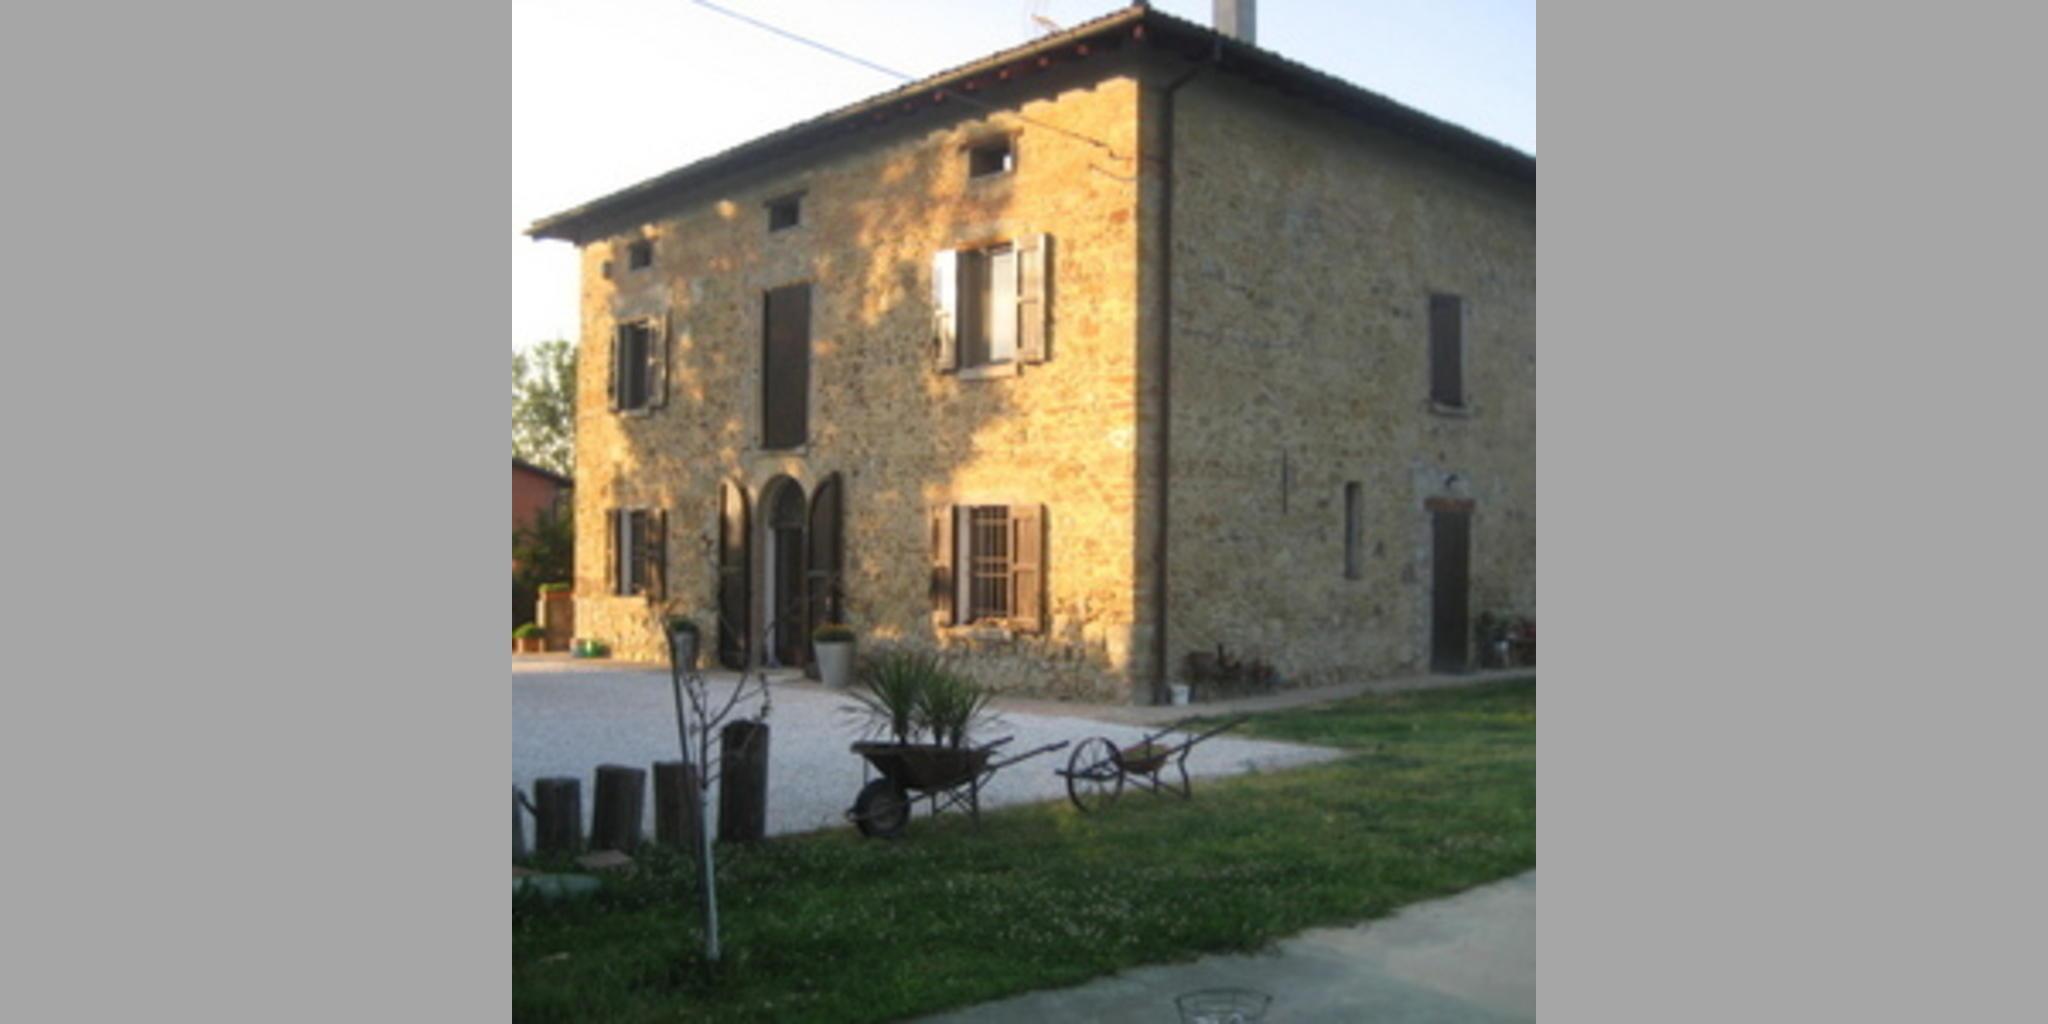 Bed & Breakfast Monte San Pietro - Monte San Pietro